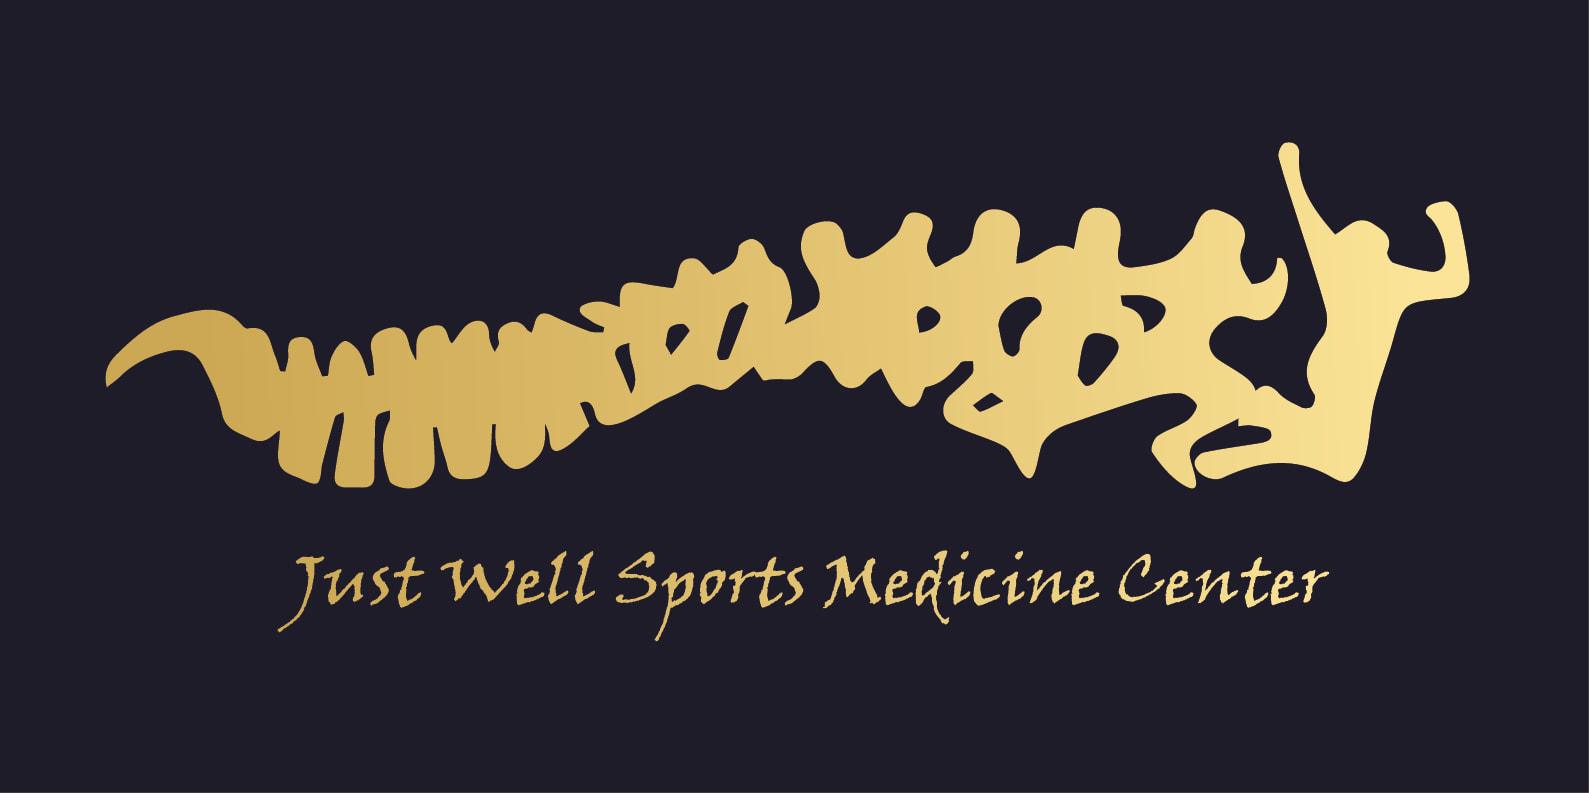 BNI 華榮分會運動休閒暨醫療保健組:物理治療代表_脊姿維運動物理治療所_蔡維鴻